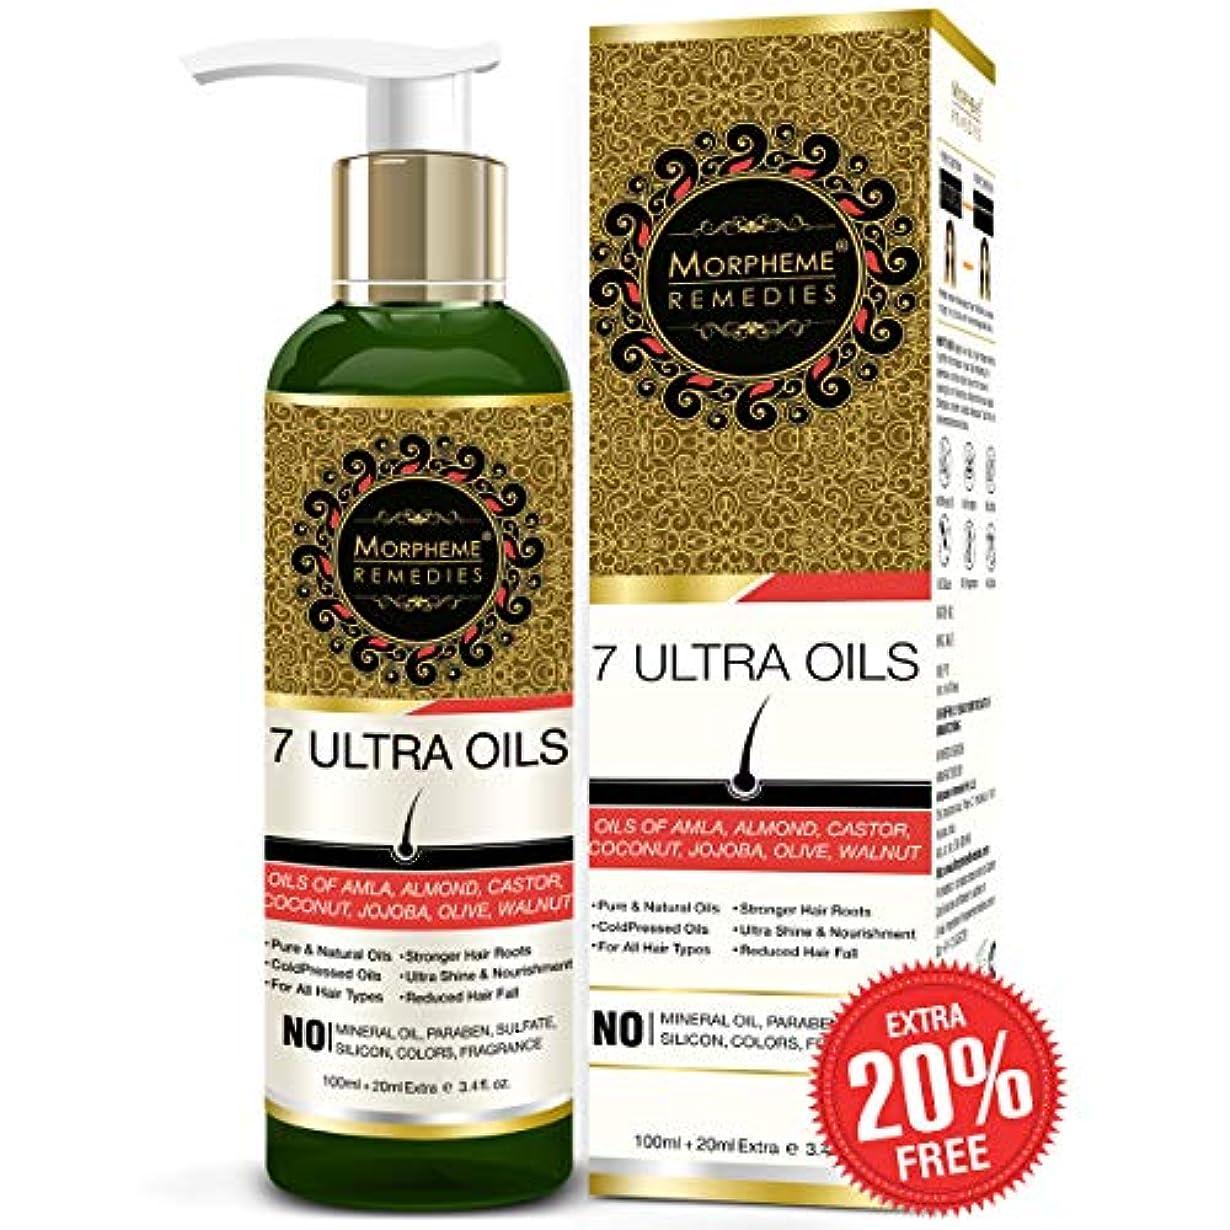 誓う冷淡な写真を描くMorpheme Remedies 7 Ultra Hair Oil - (Almond, Castor, Jojoba, Coconut, Olive, Walnut, Amla Oils) - 120 ml